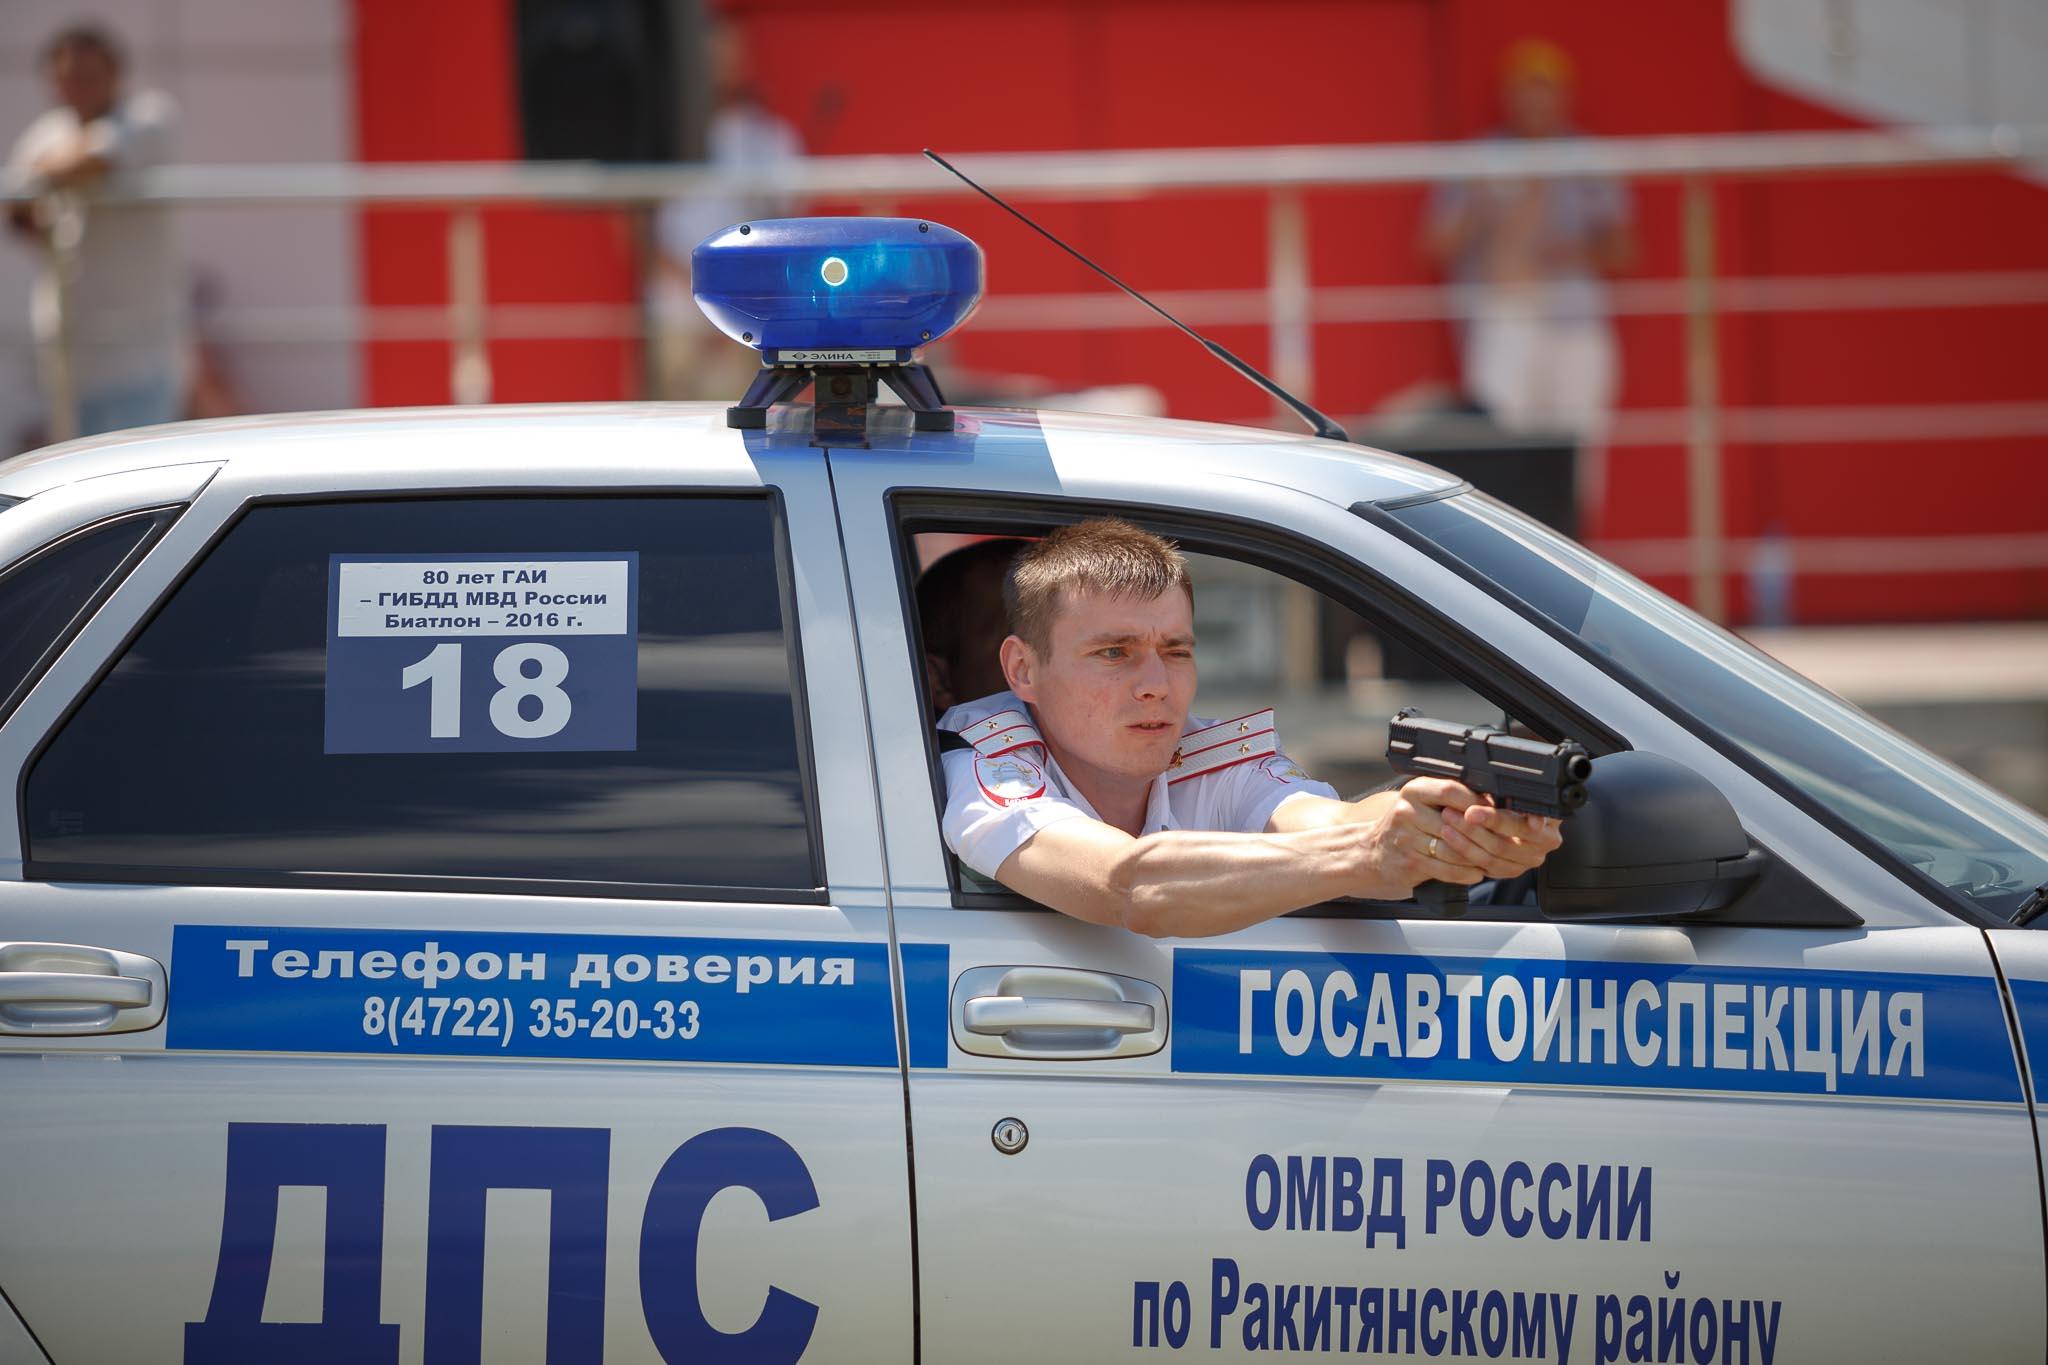 Заместитель начальника полиции главного управления мвд россии по московской области полковник полиции леонид